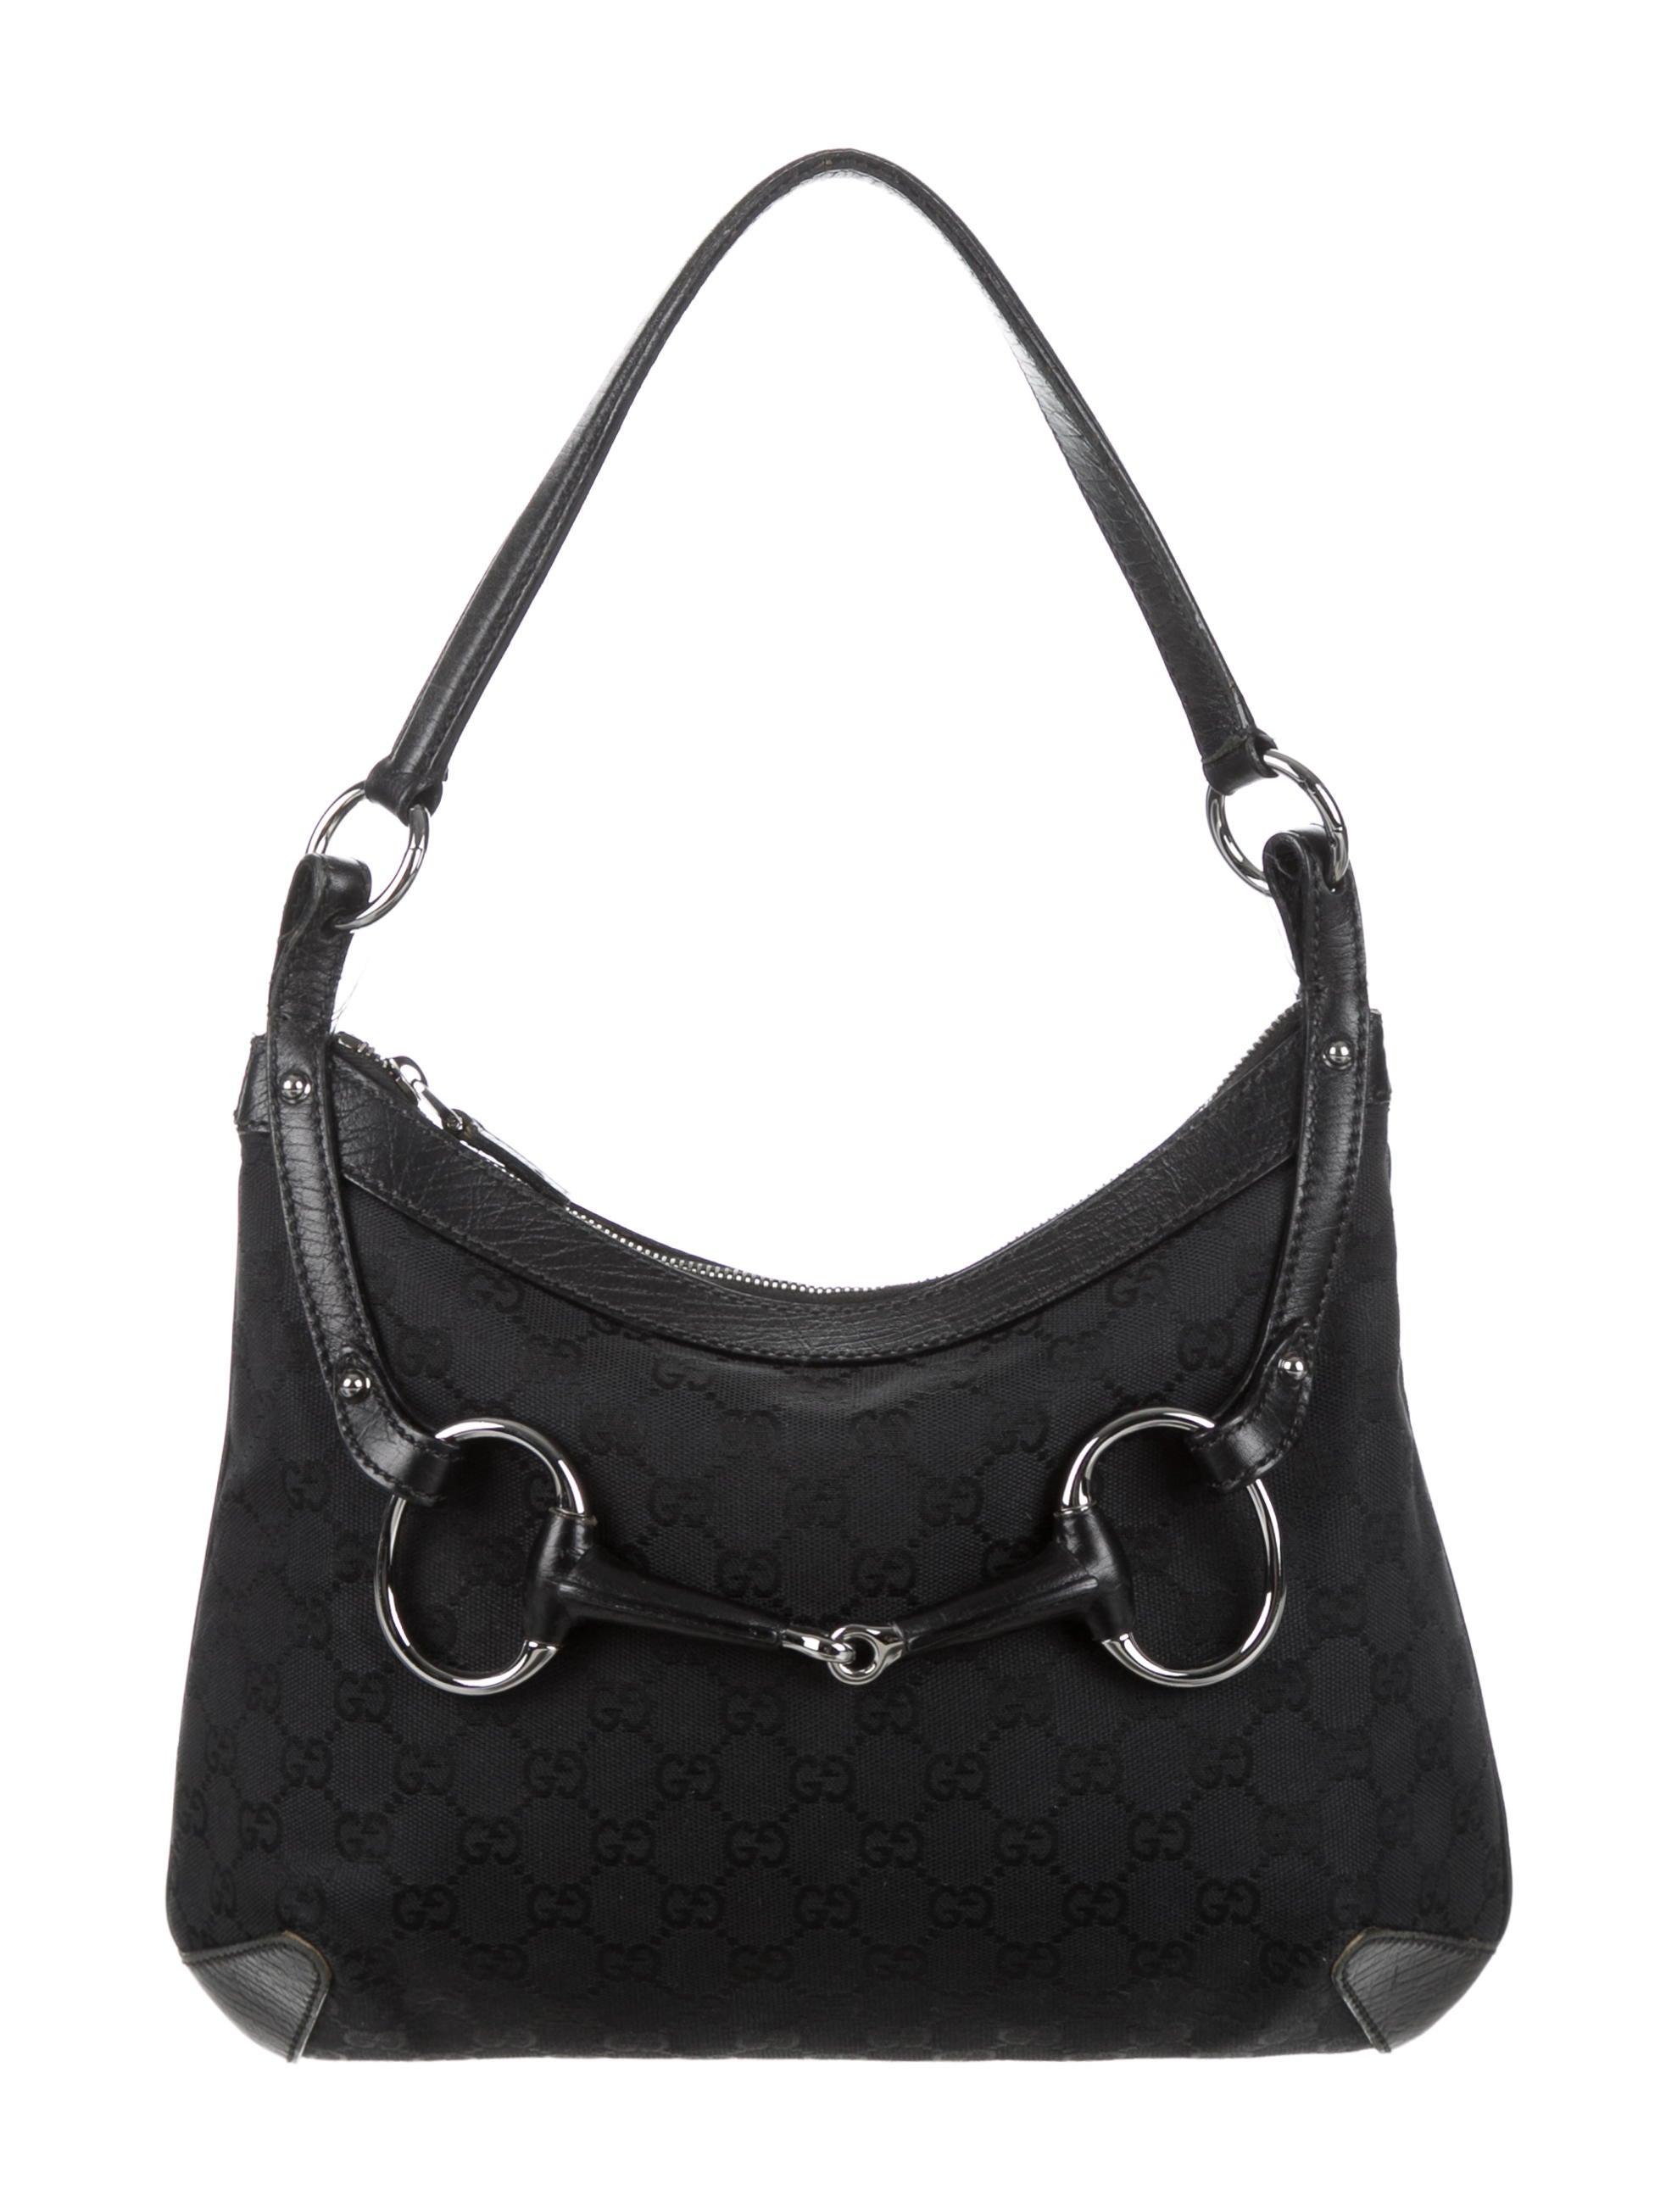 0cc9fbe4709c Gucci Medium Horsebit Hobo Bag | Stanford Center for Opportunity ...